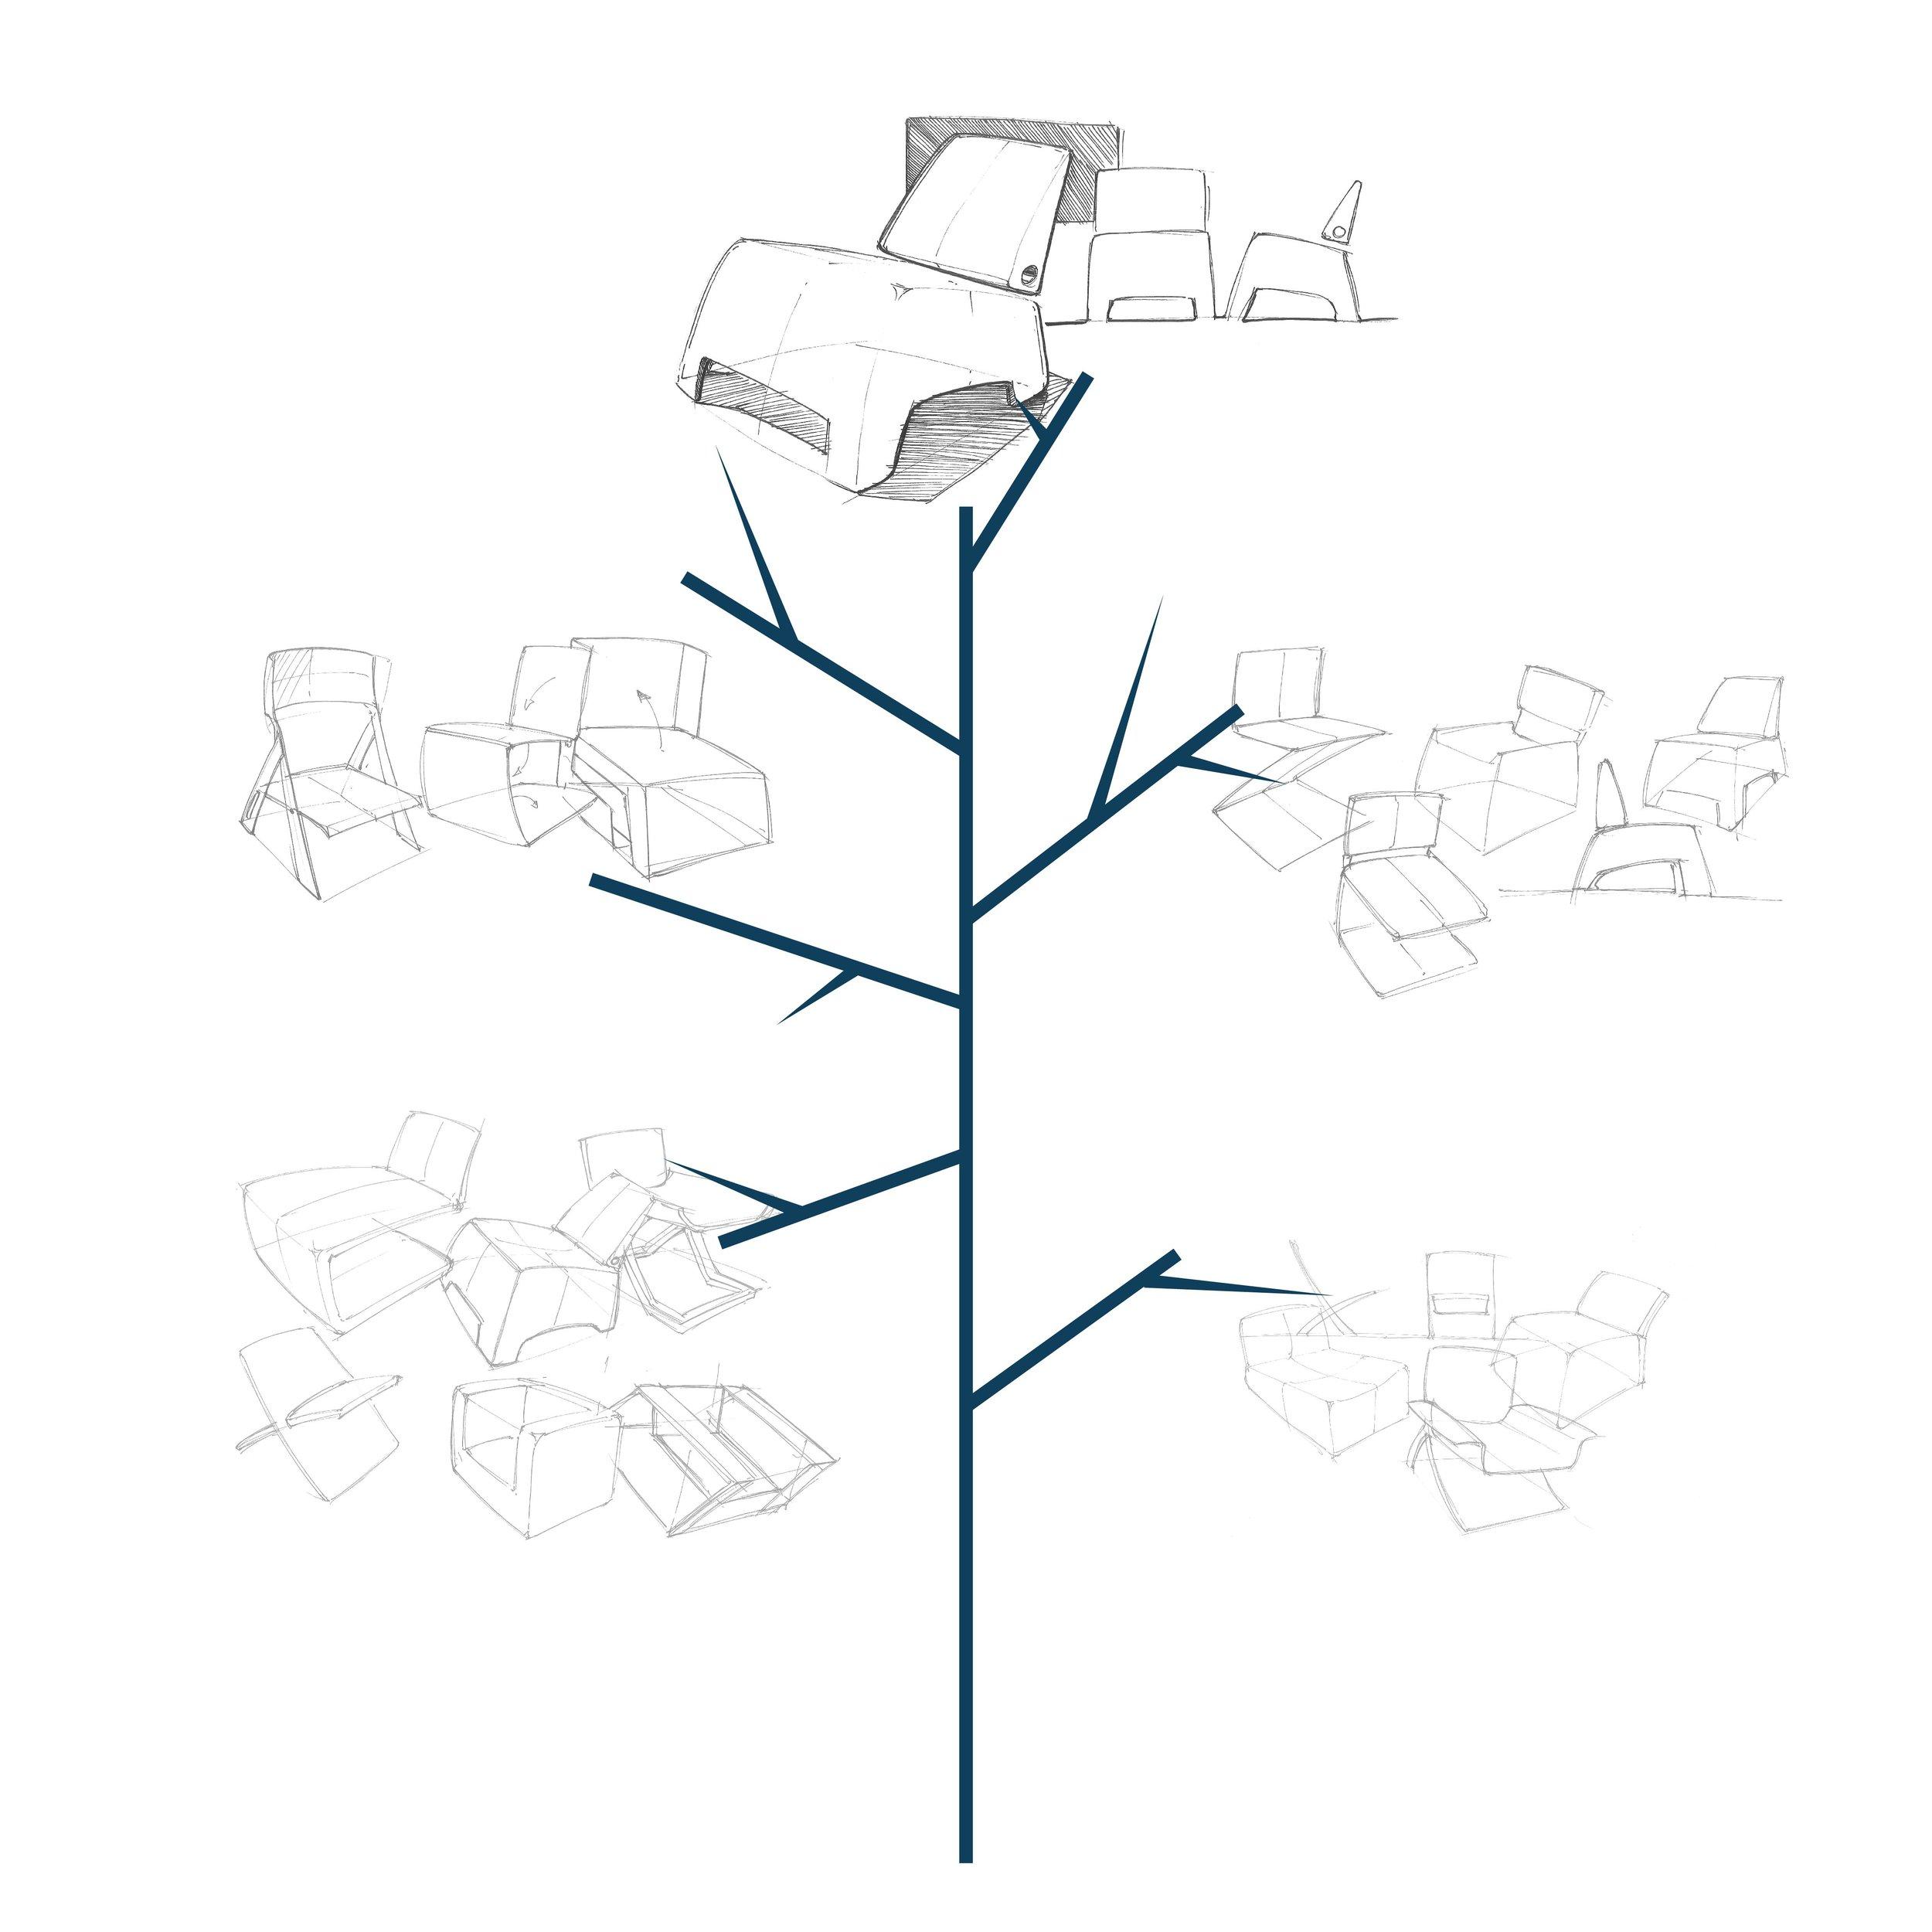 Schets proces voor een stoel ontwerp